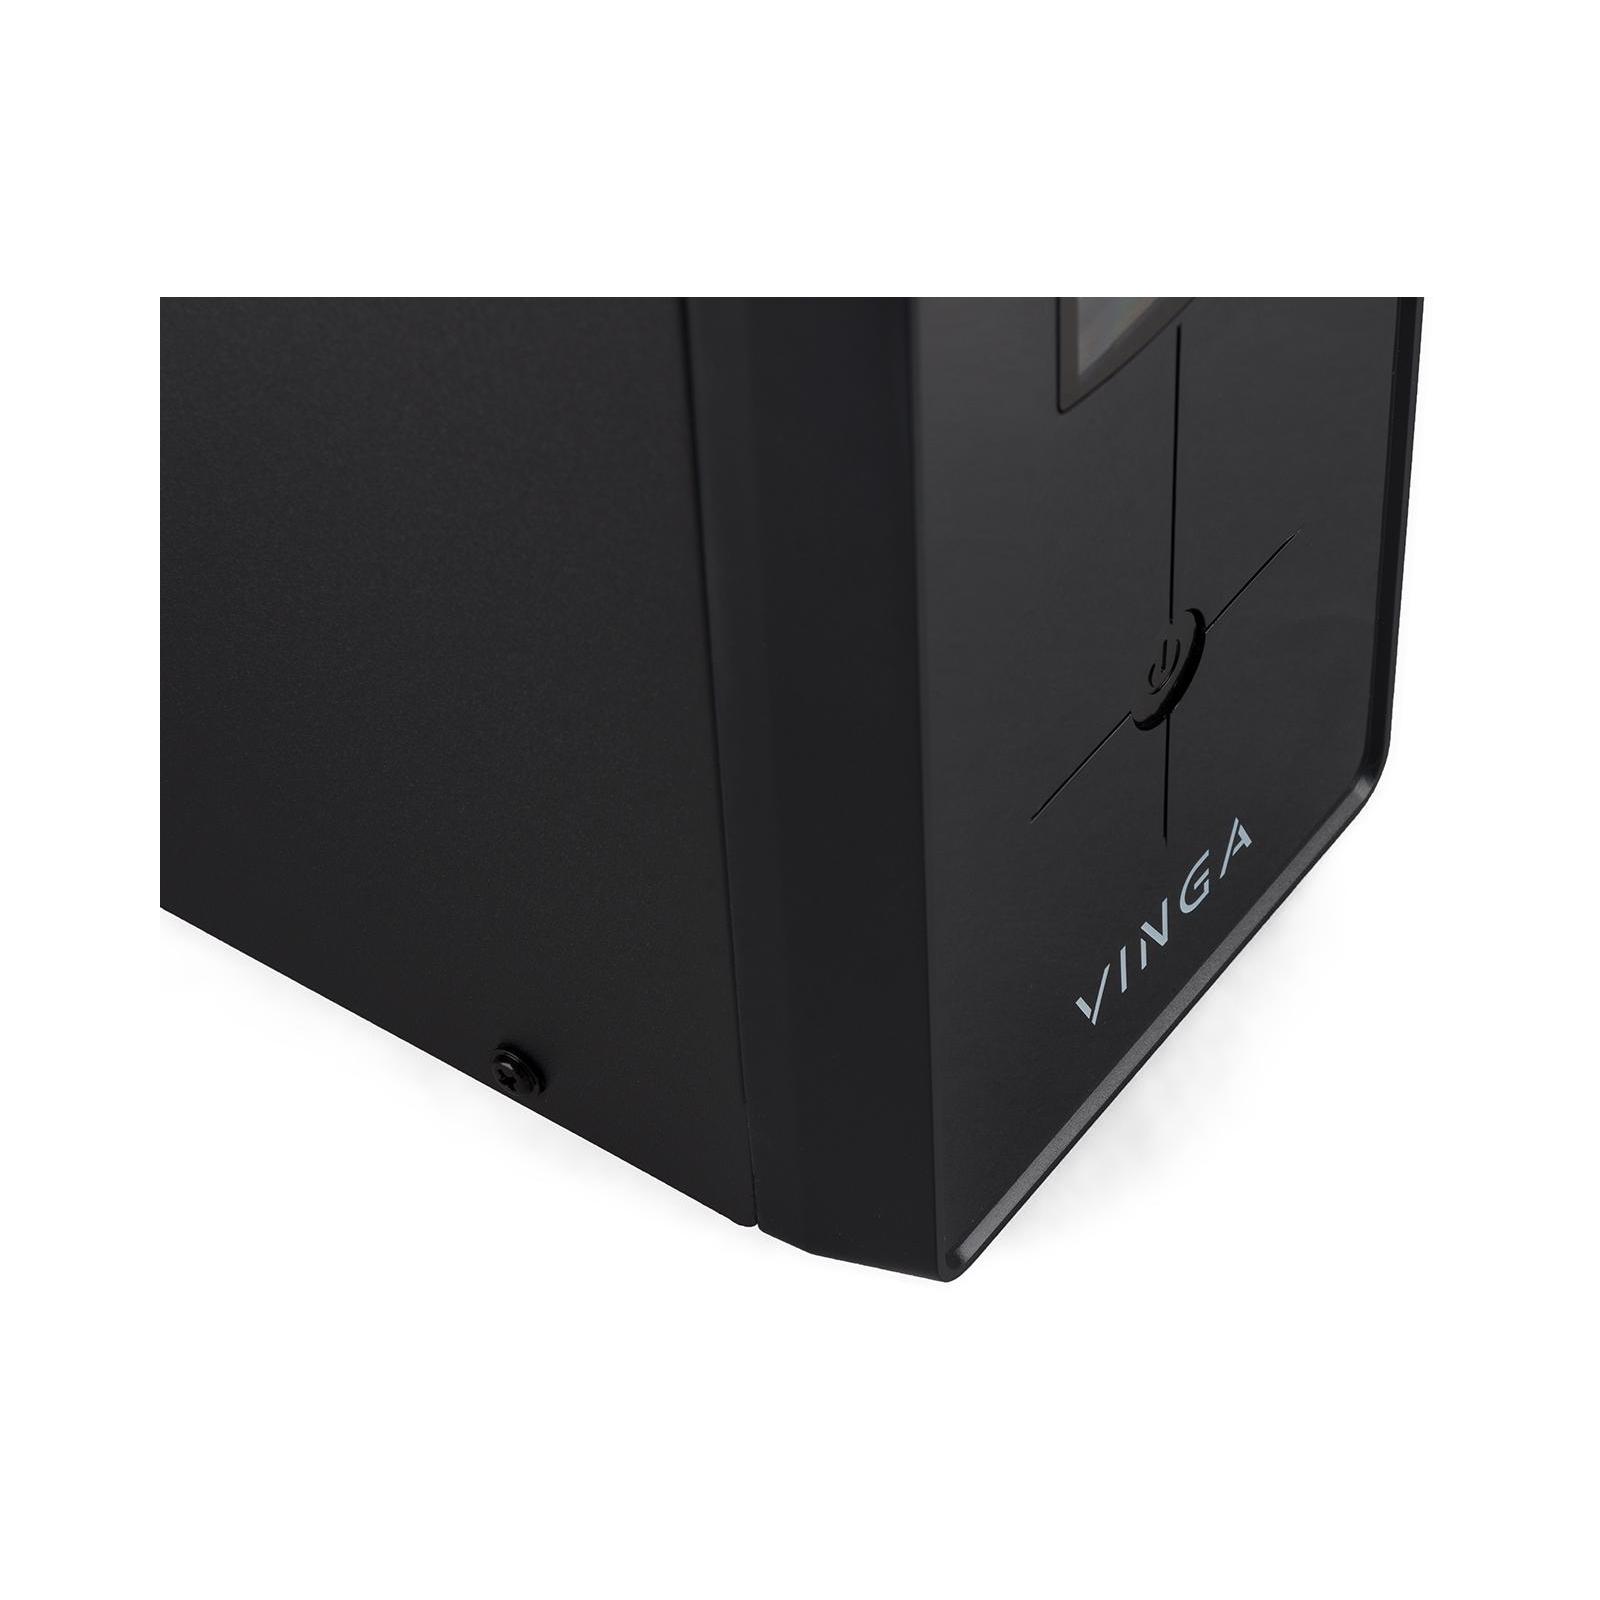 Источник бесперебойного питания Vinga LCD 1200VA metal case (VPC-1200M) изображение 7